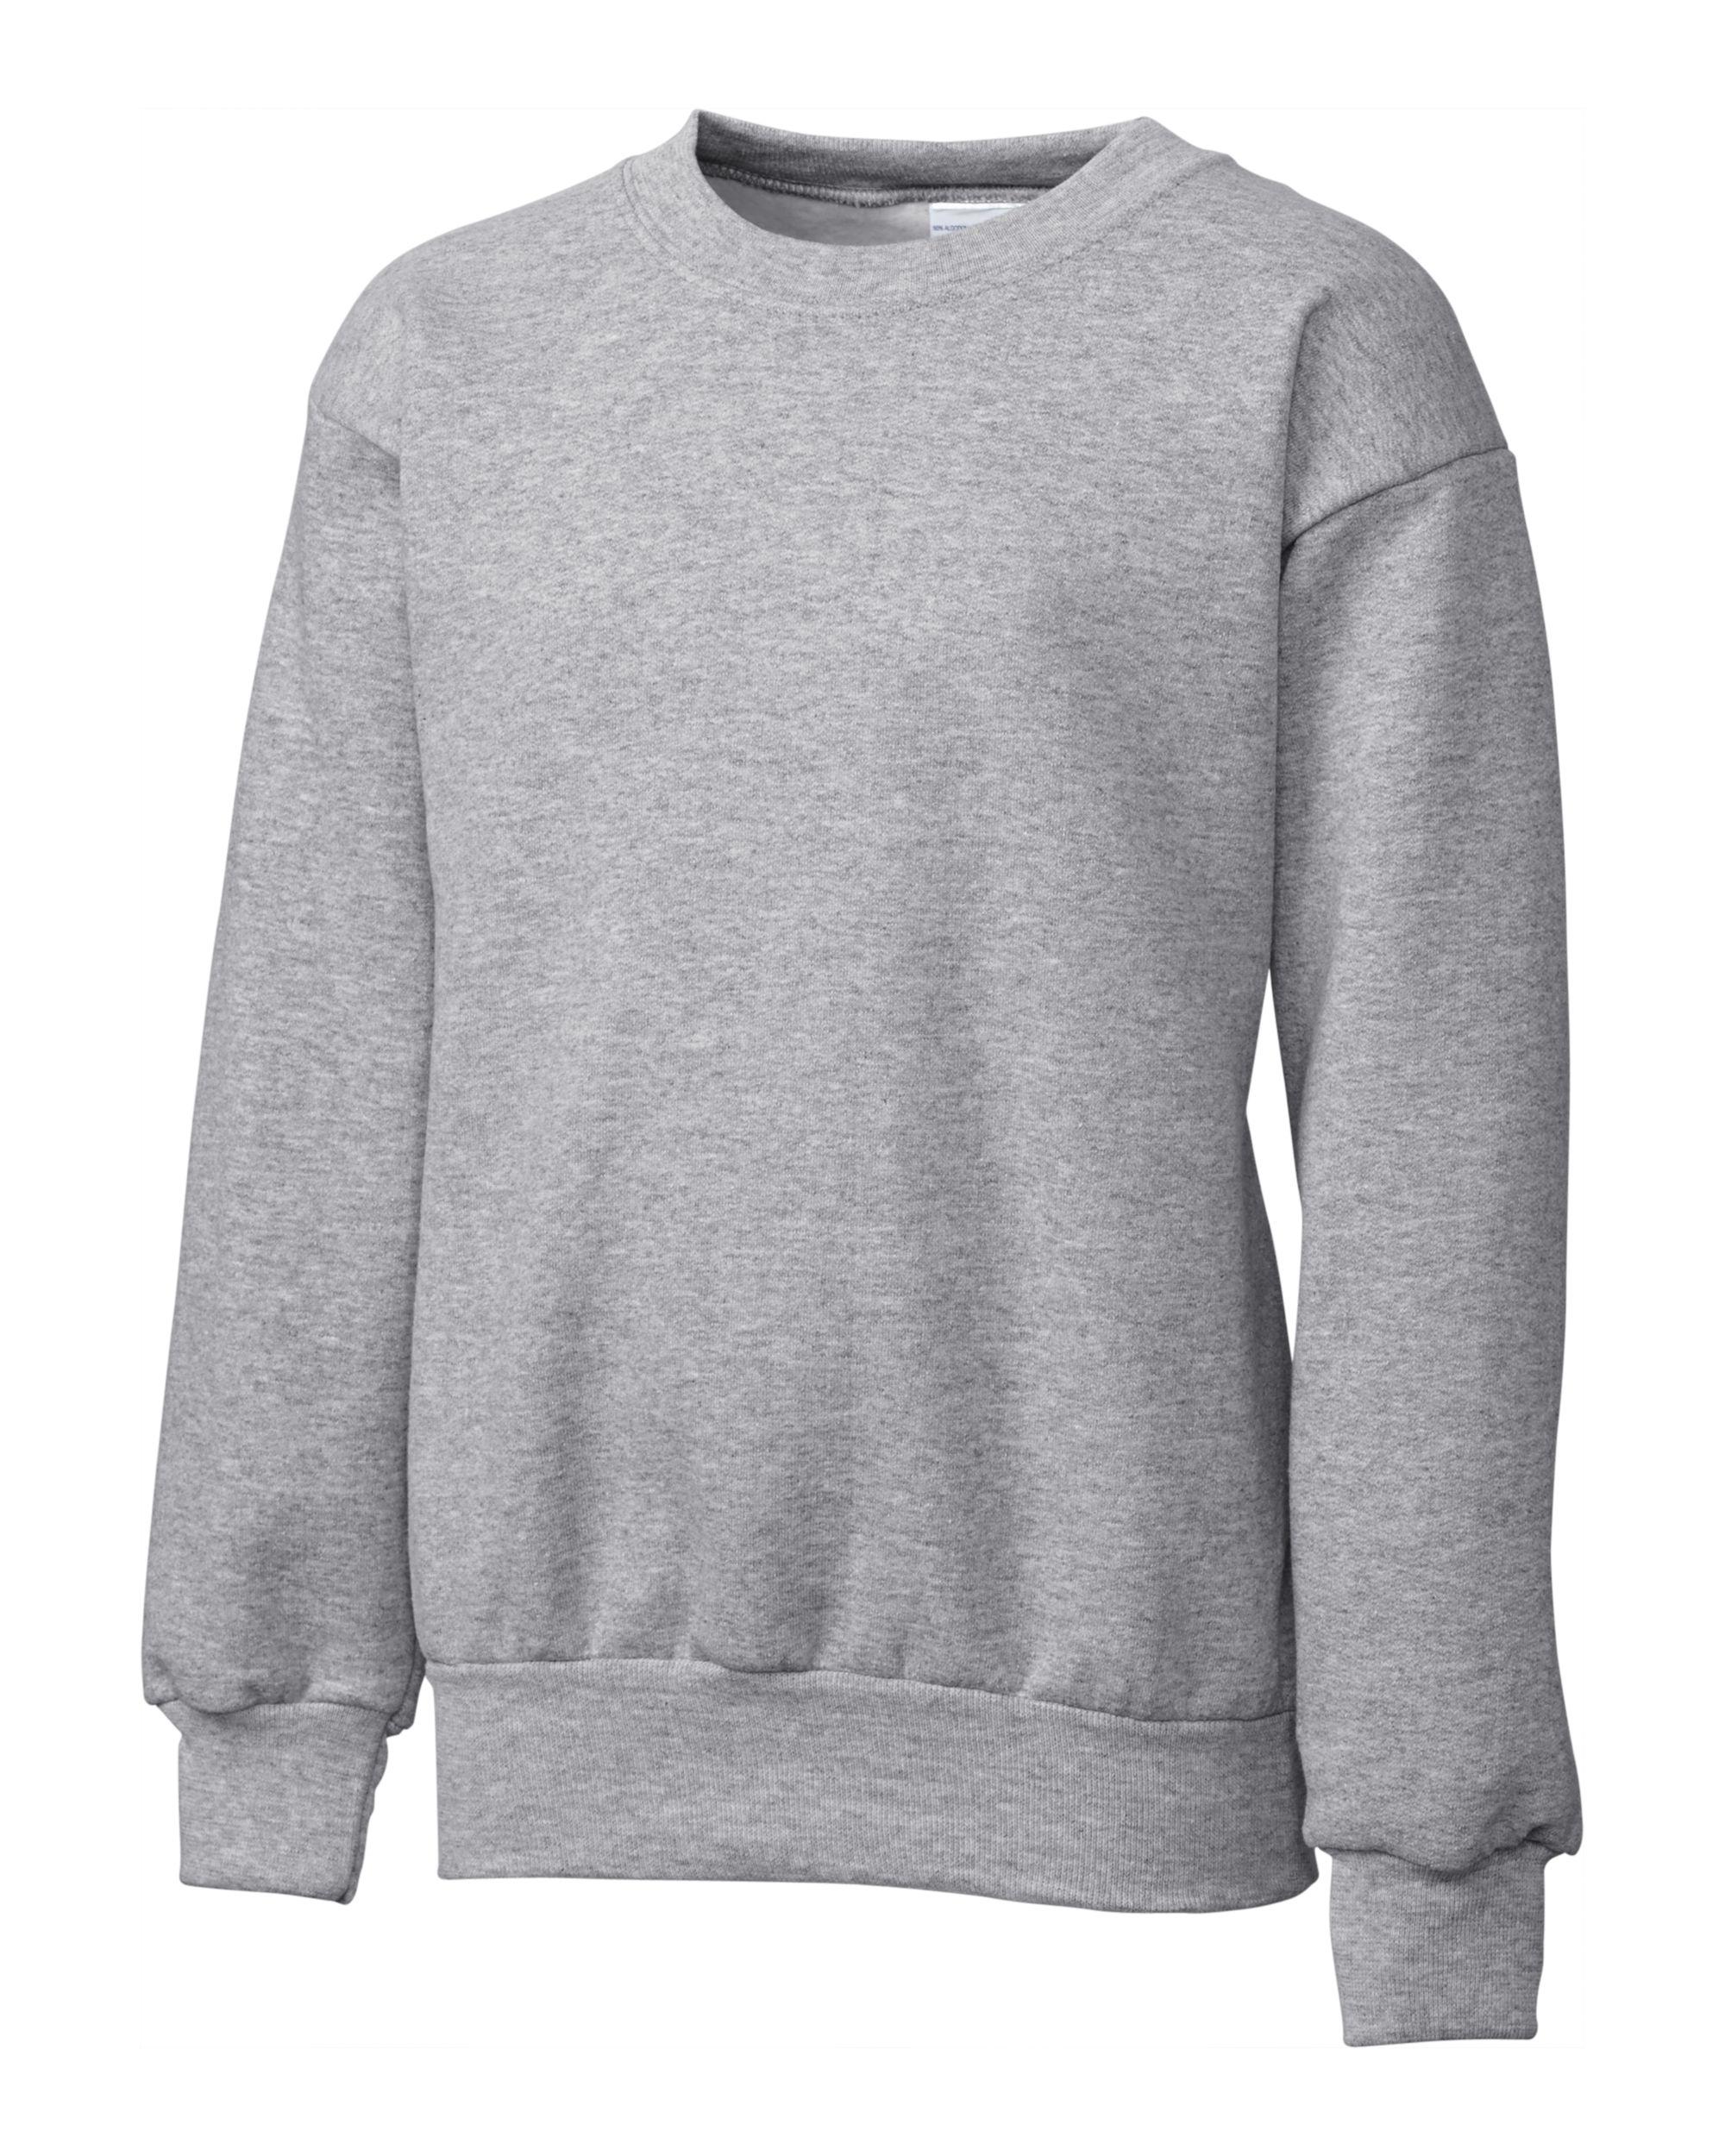 Clique Basics Youth Crewneck Sweatshirt YRK01001 by C&B